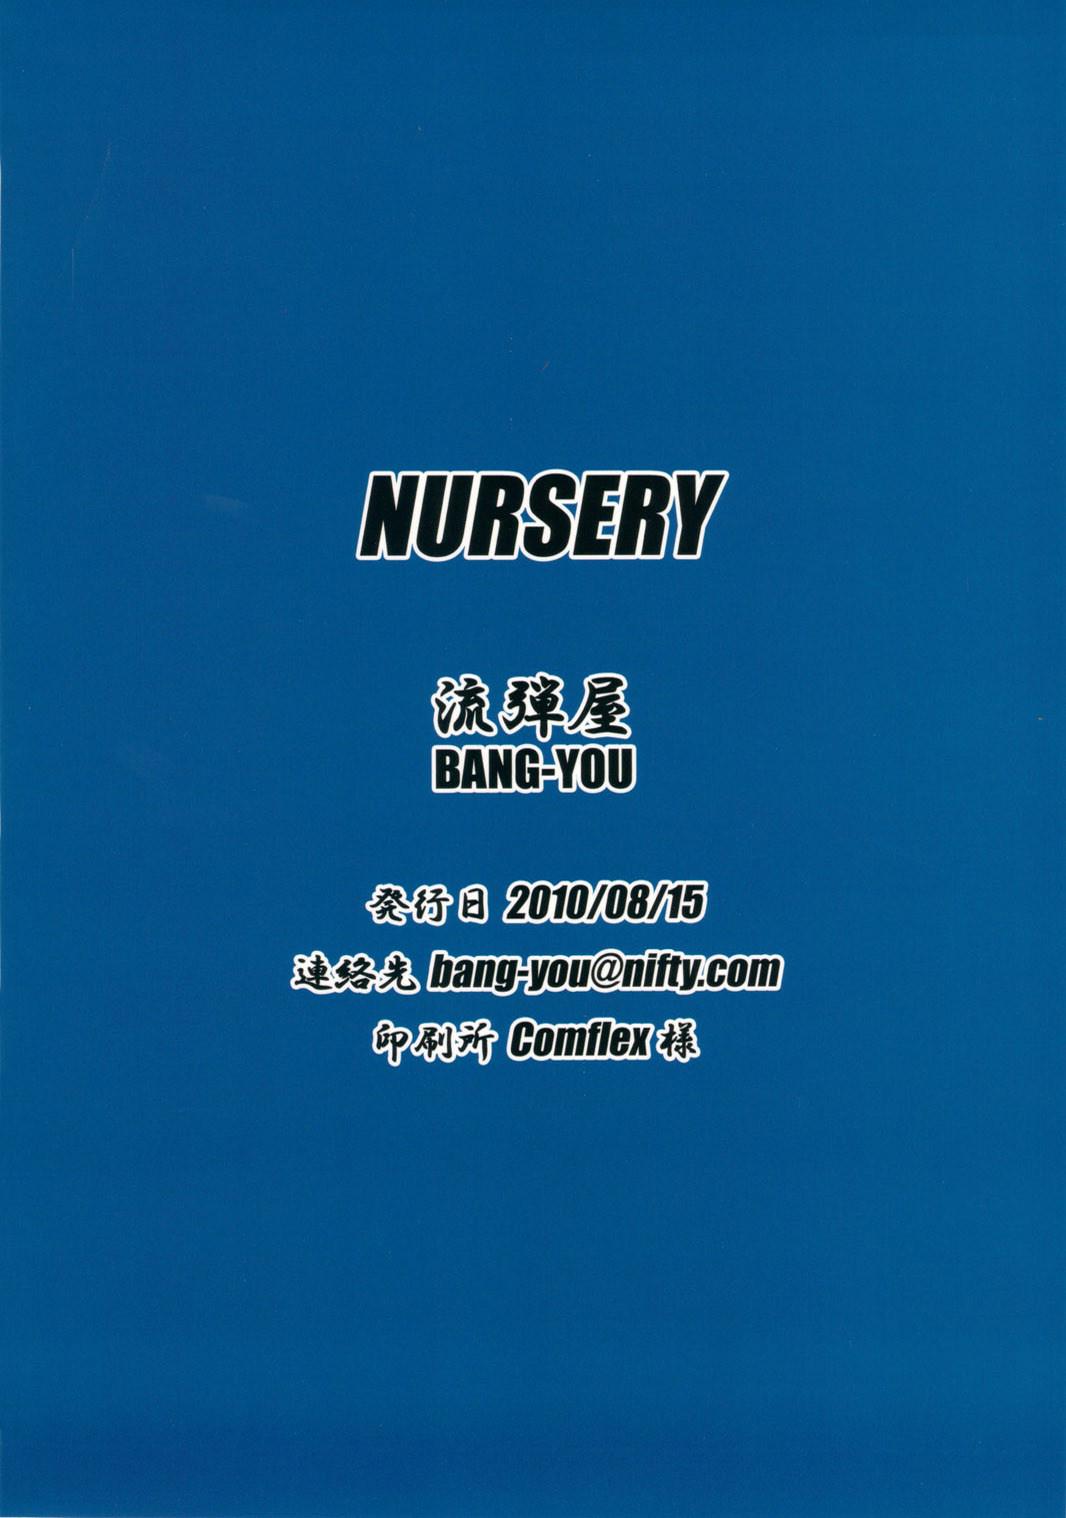 NURSERY 18